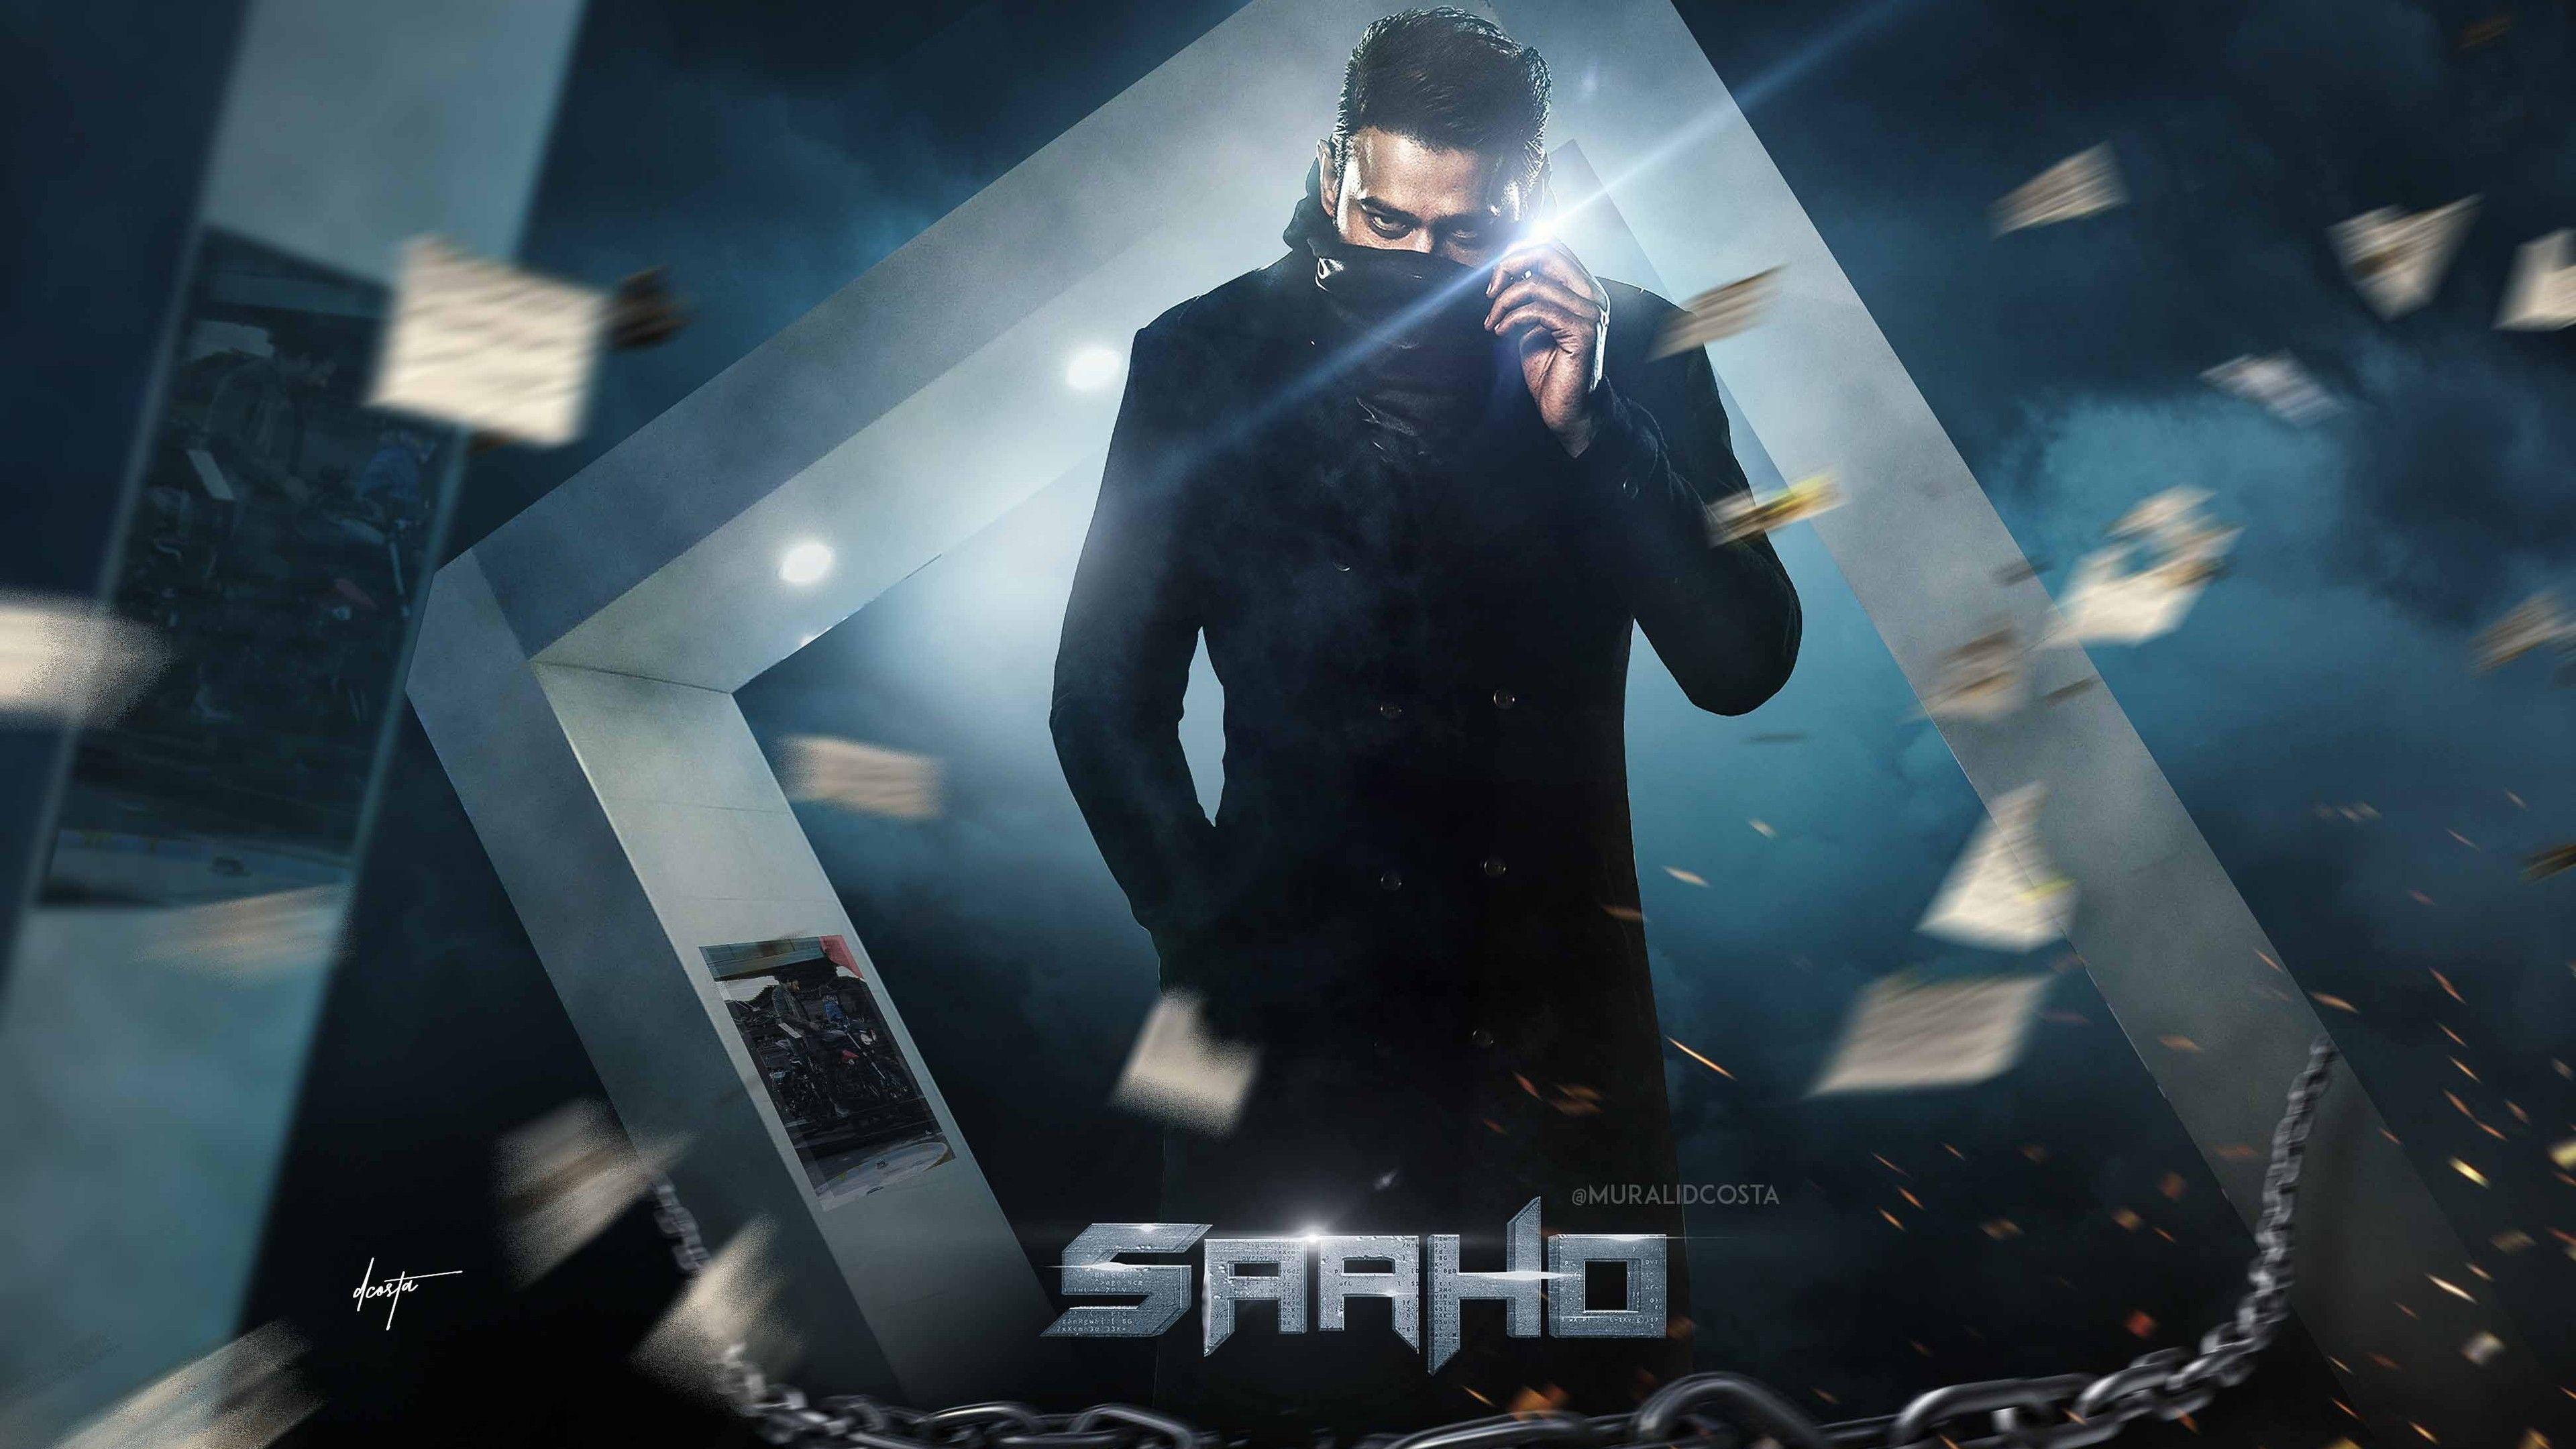 saaho hd wallpapers top free saaho hd backgrounds wallpaperaccess saaho hd wallpapers top free saaho hd